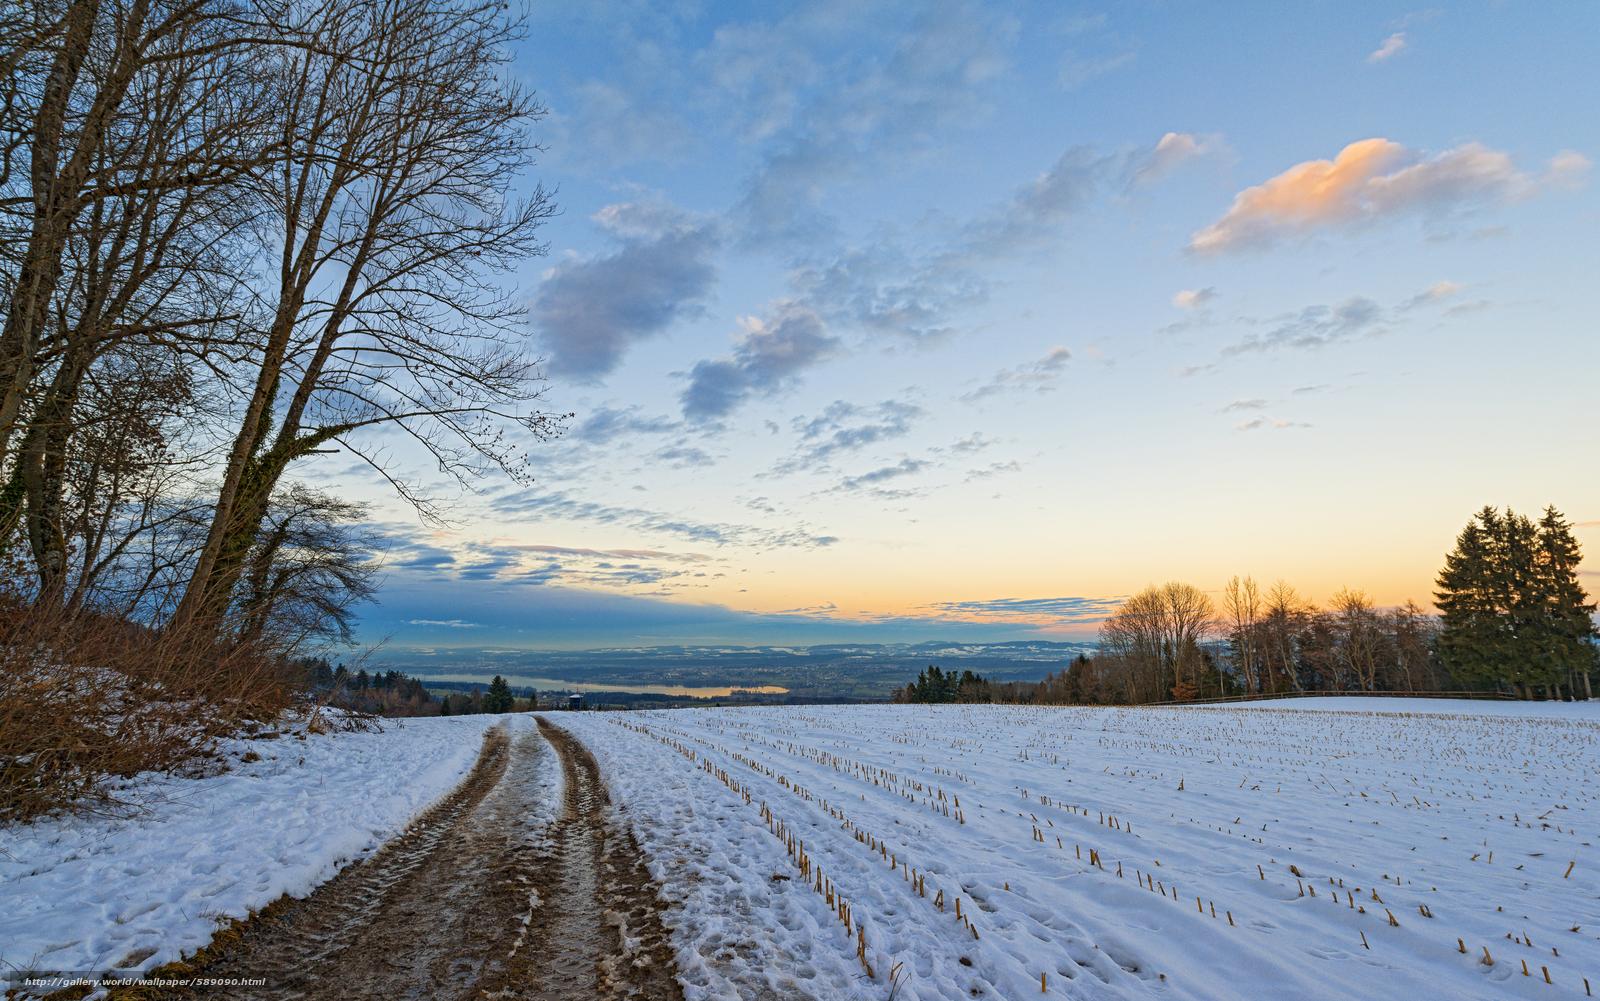 Scaricare gli sfondi campo inverno alberi tramonto for Immagini inverno sfondi